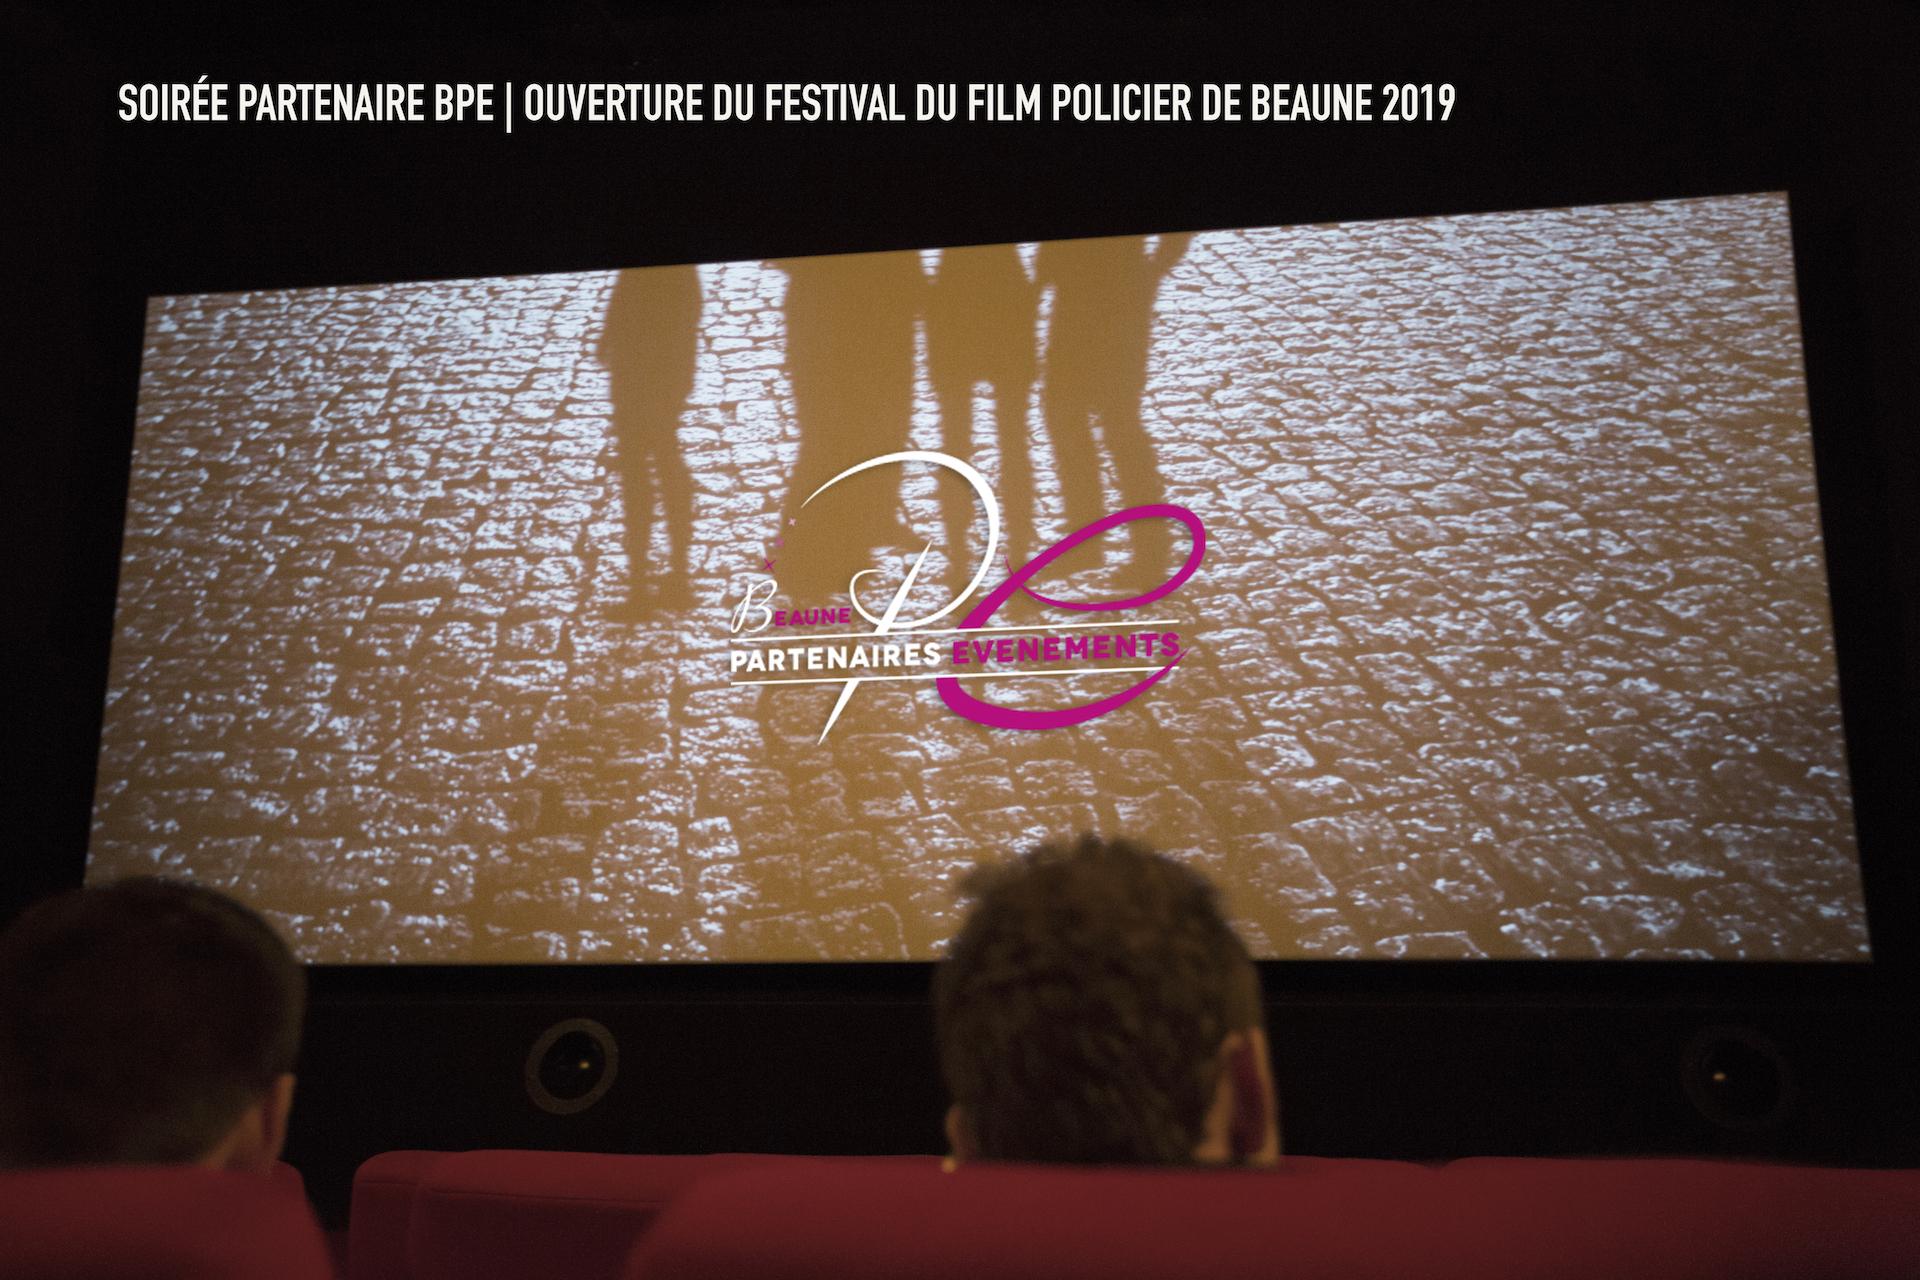 Soirée Partenaire BPE | Ouverture du Festival de Film Policier de Beaune 2019